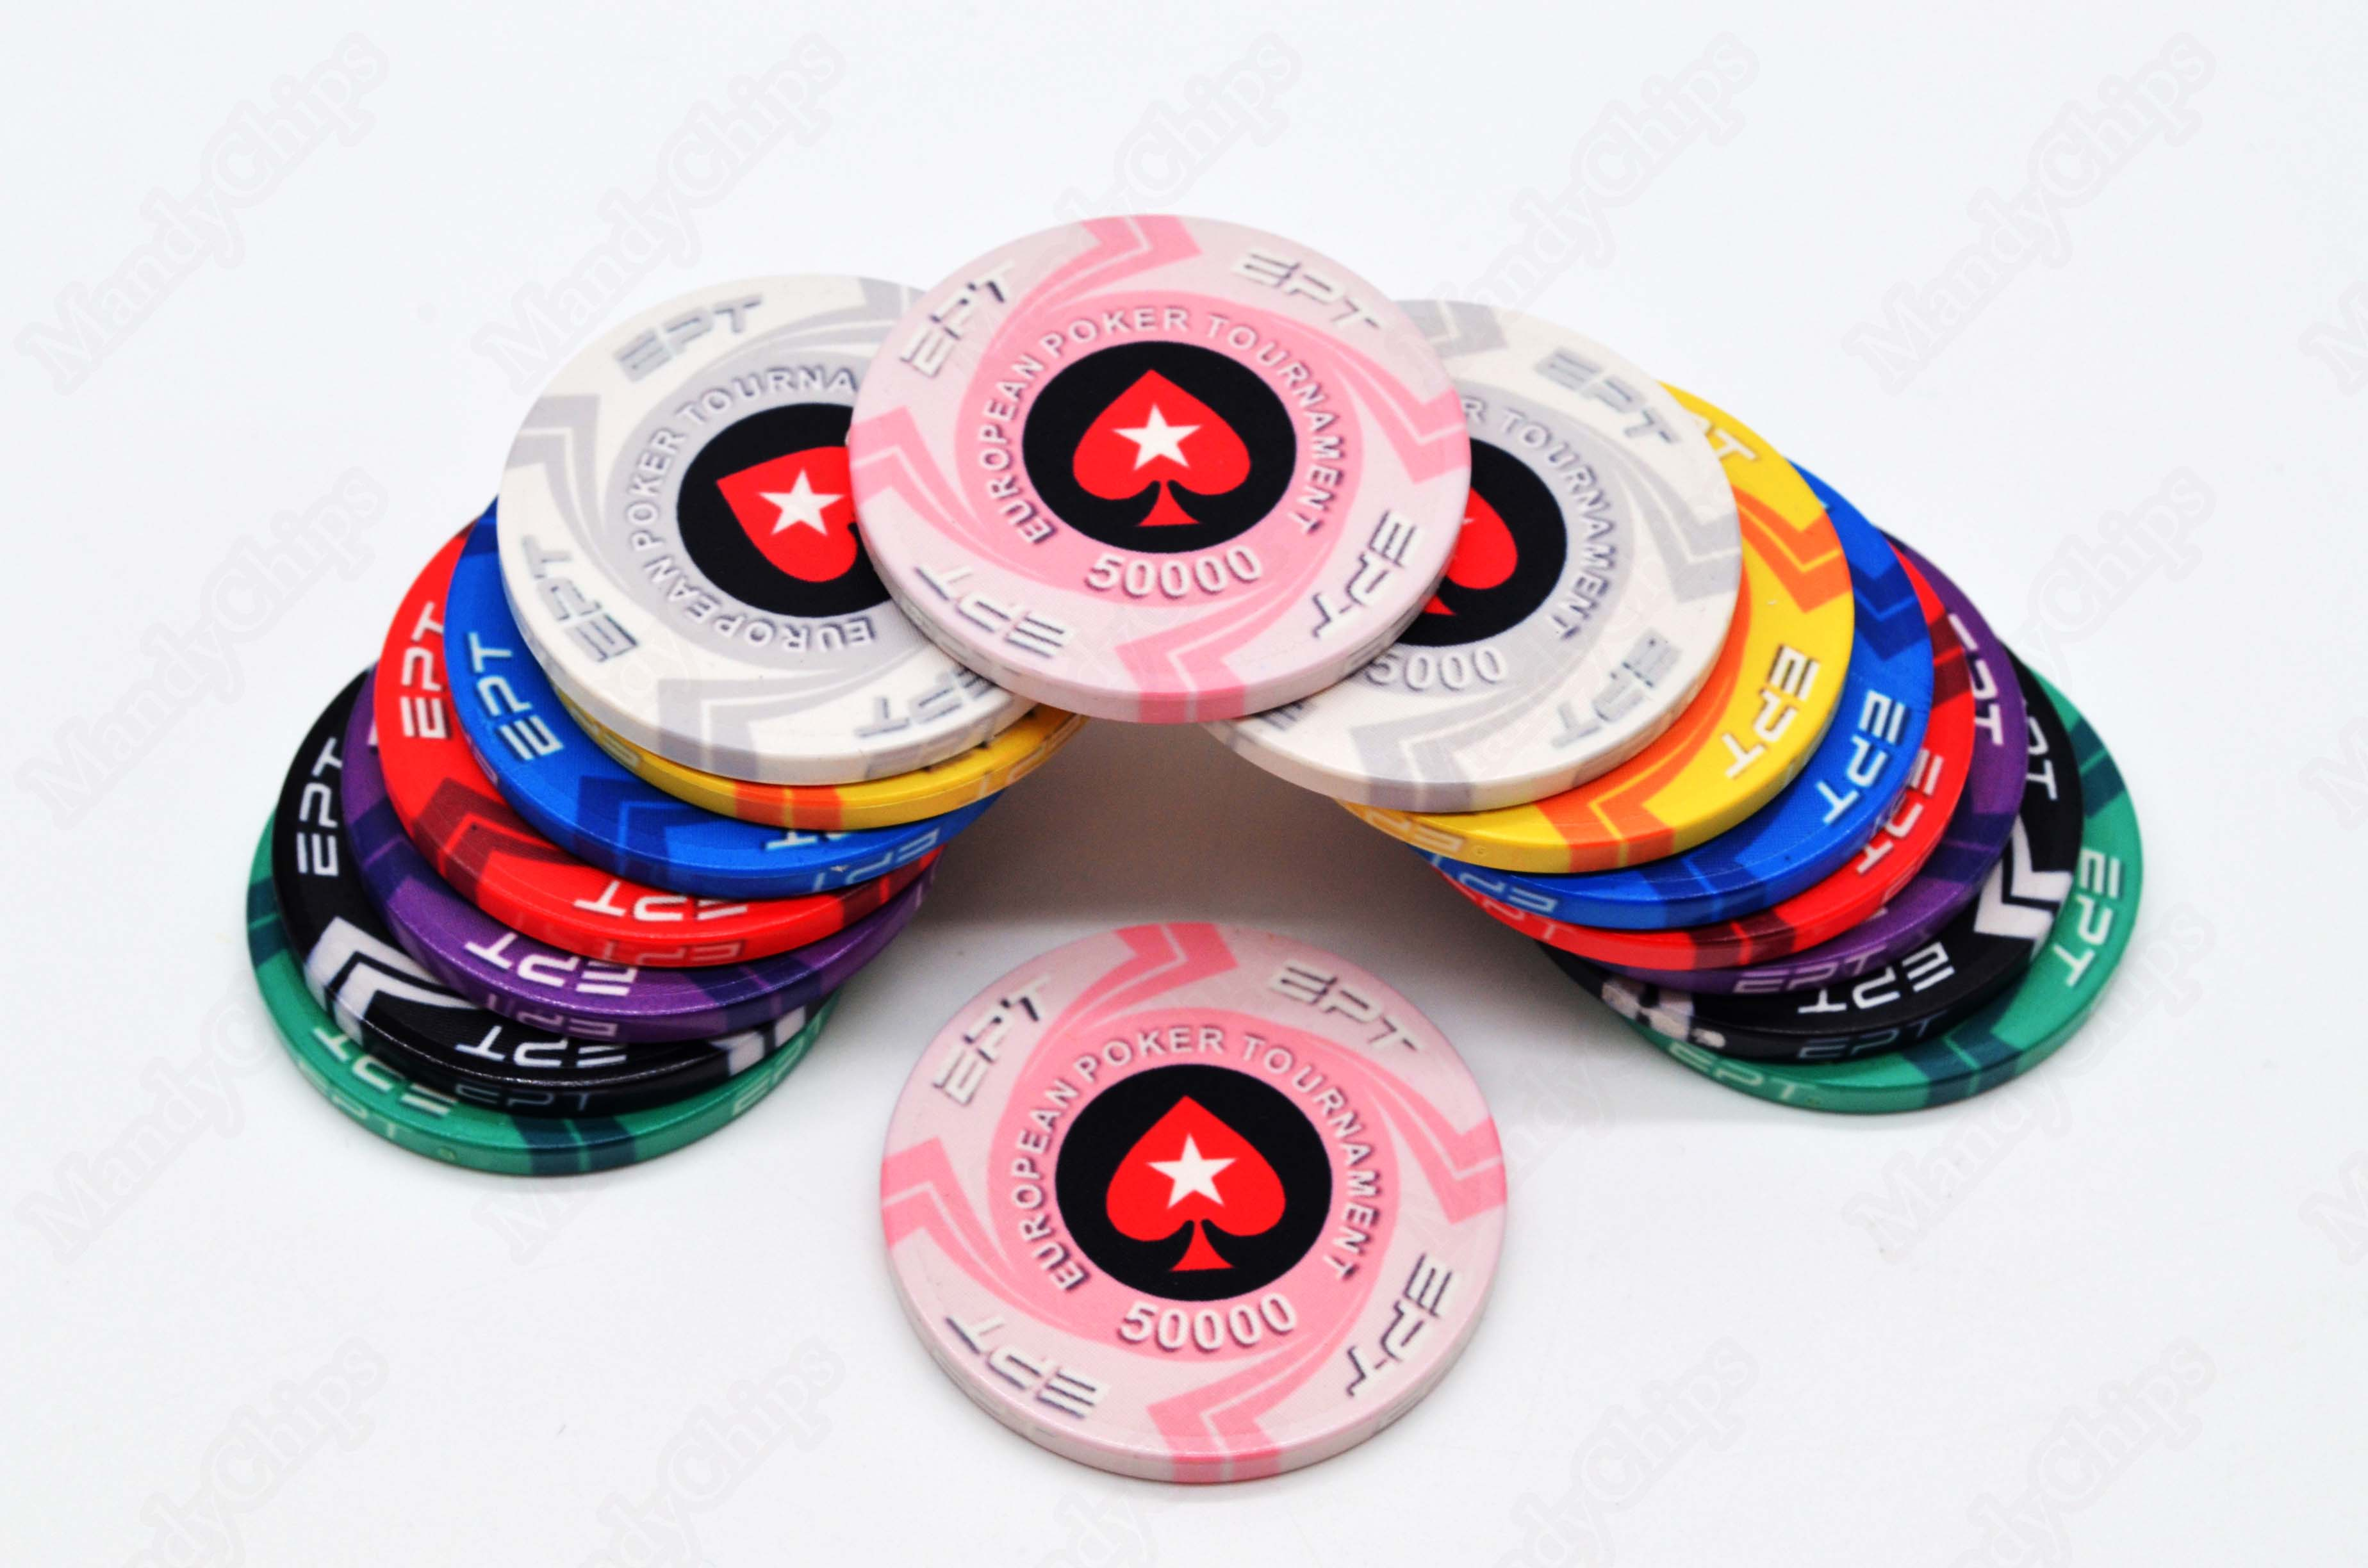 Ept Poker